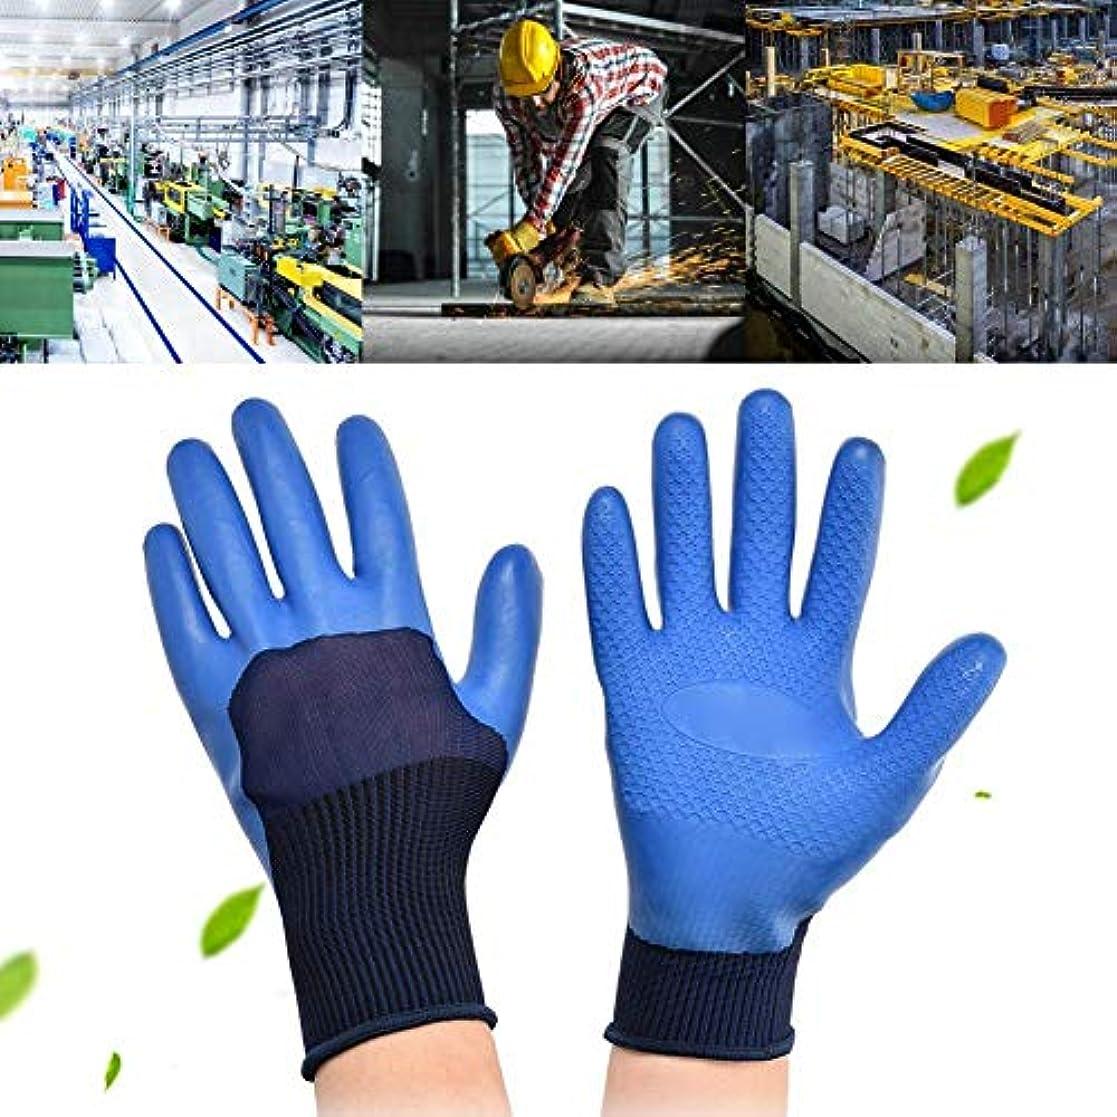 メジャー名誉ある割り当てる作業用手袋、滑り止めラテックス労働保護手袋、耐摩耗性防水安全手袋, 滑り止めラテックス労働保護作業用手袋の耐摩耗性防水安全手袋